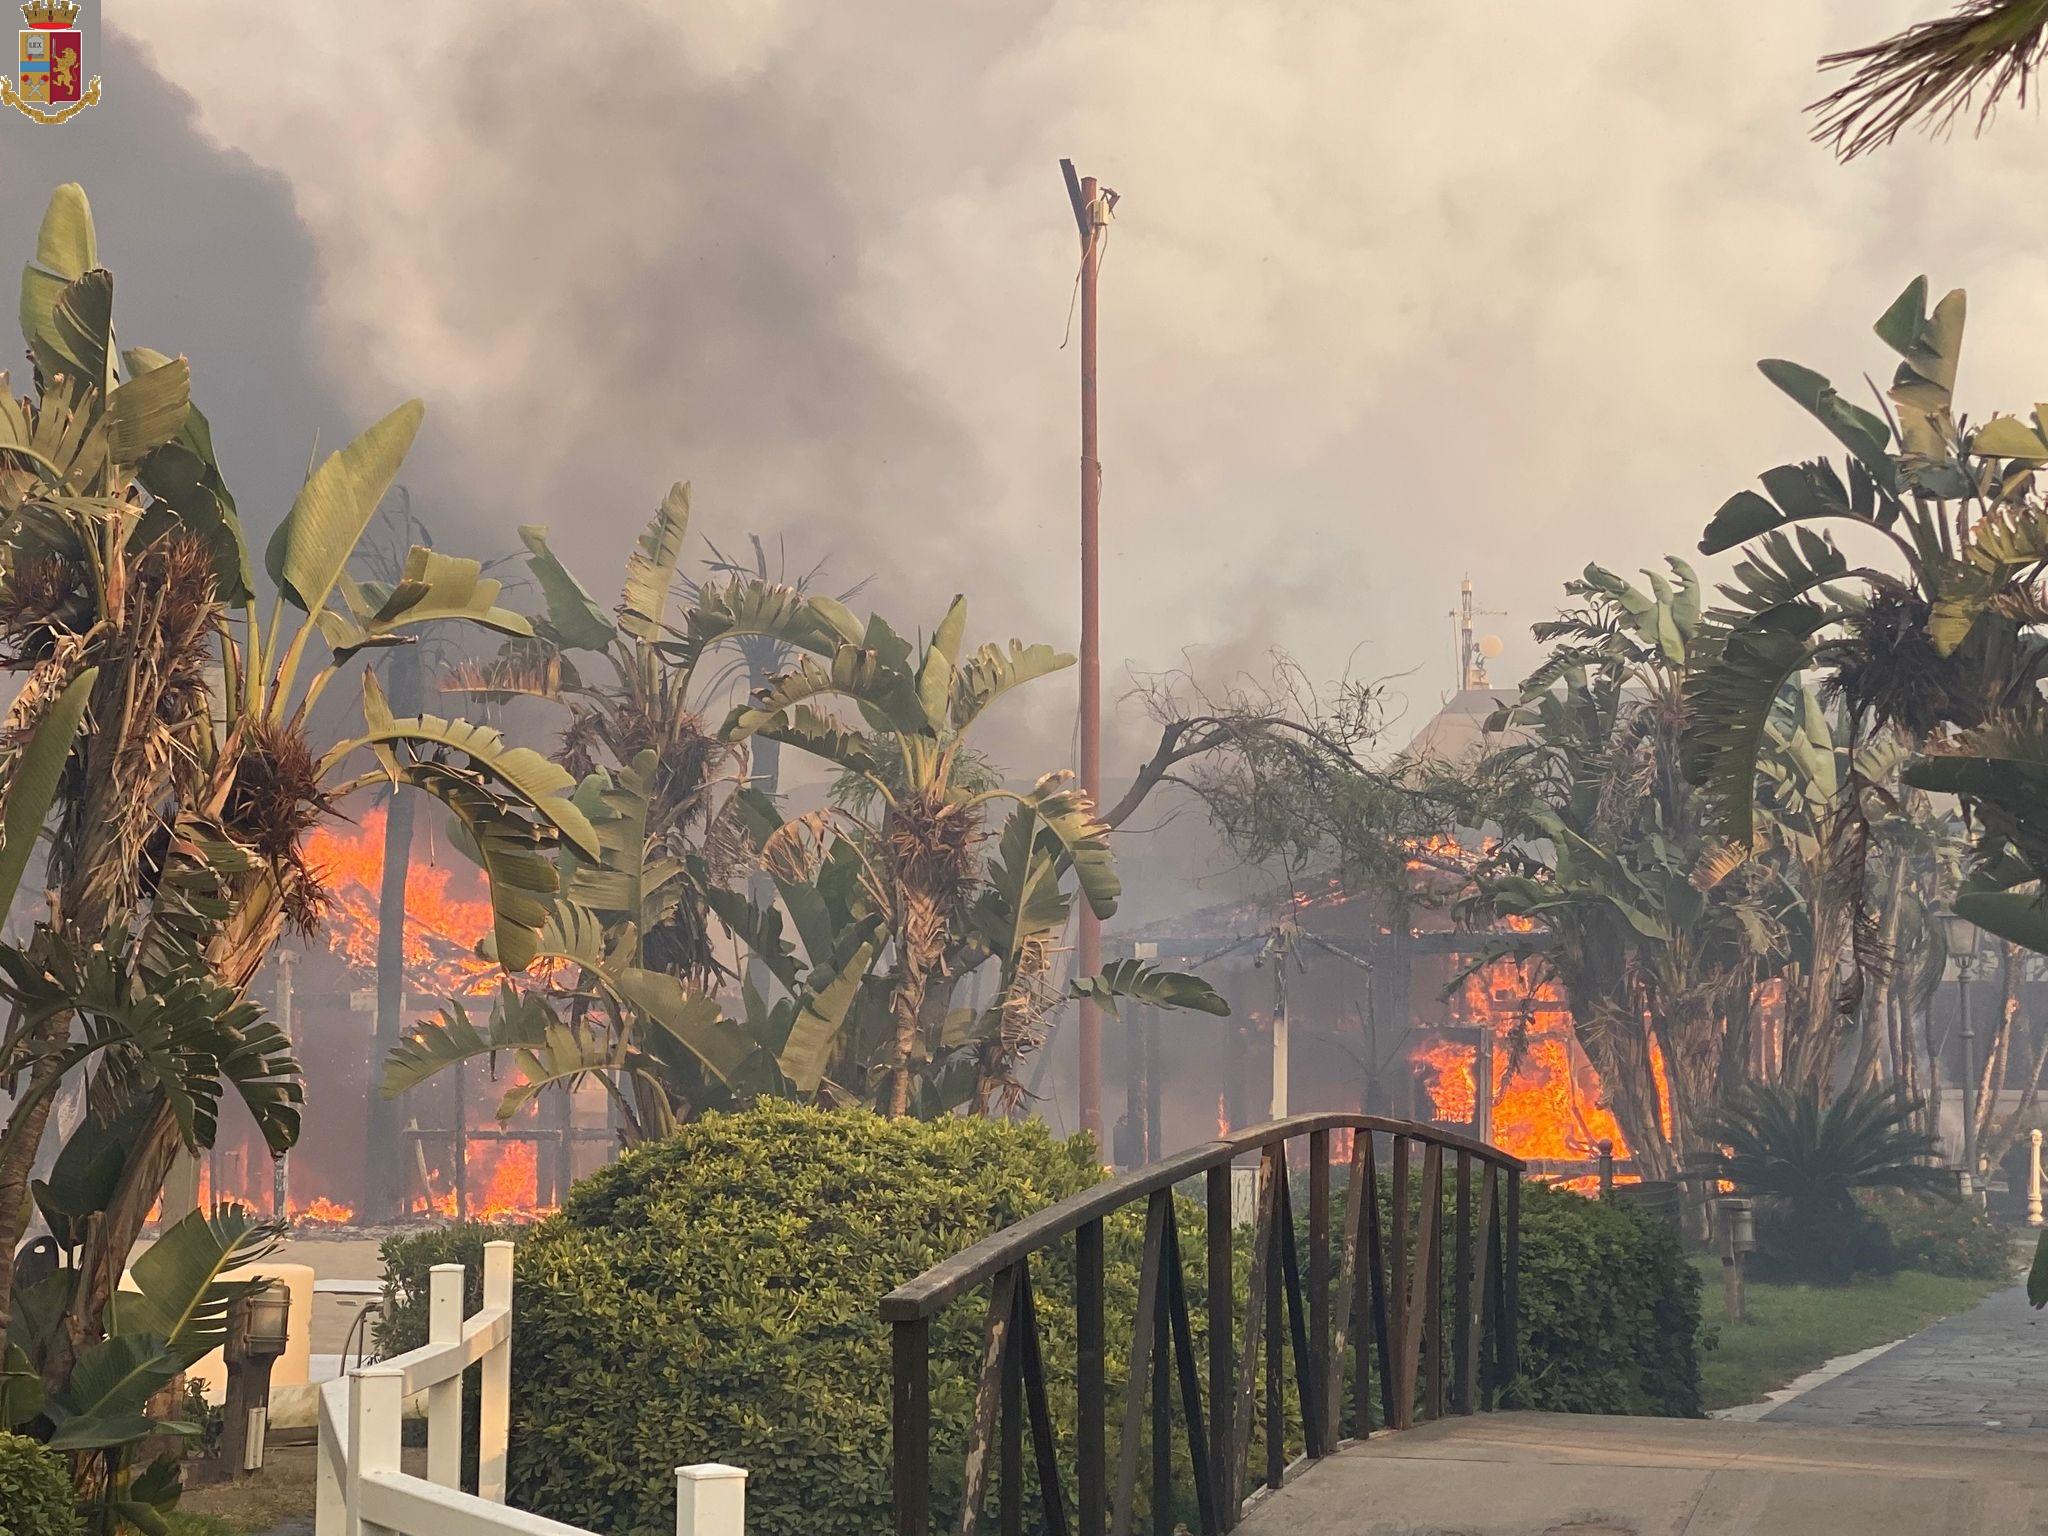 Incendi a Catania, interventi di soccorso in ogni parte della città